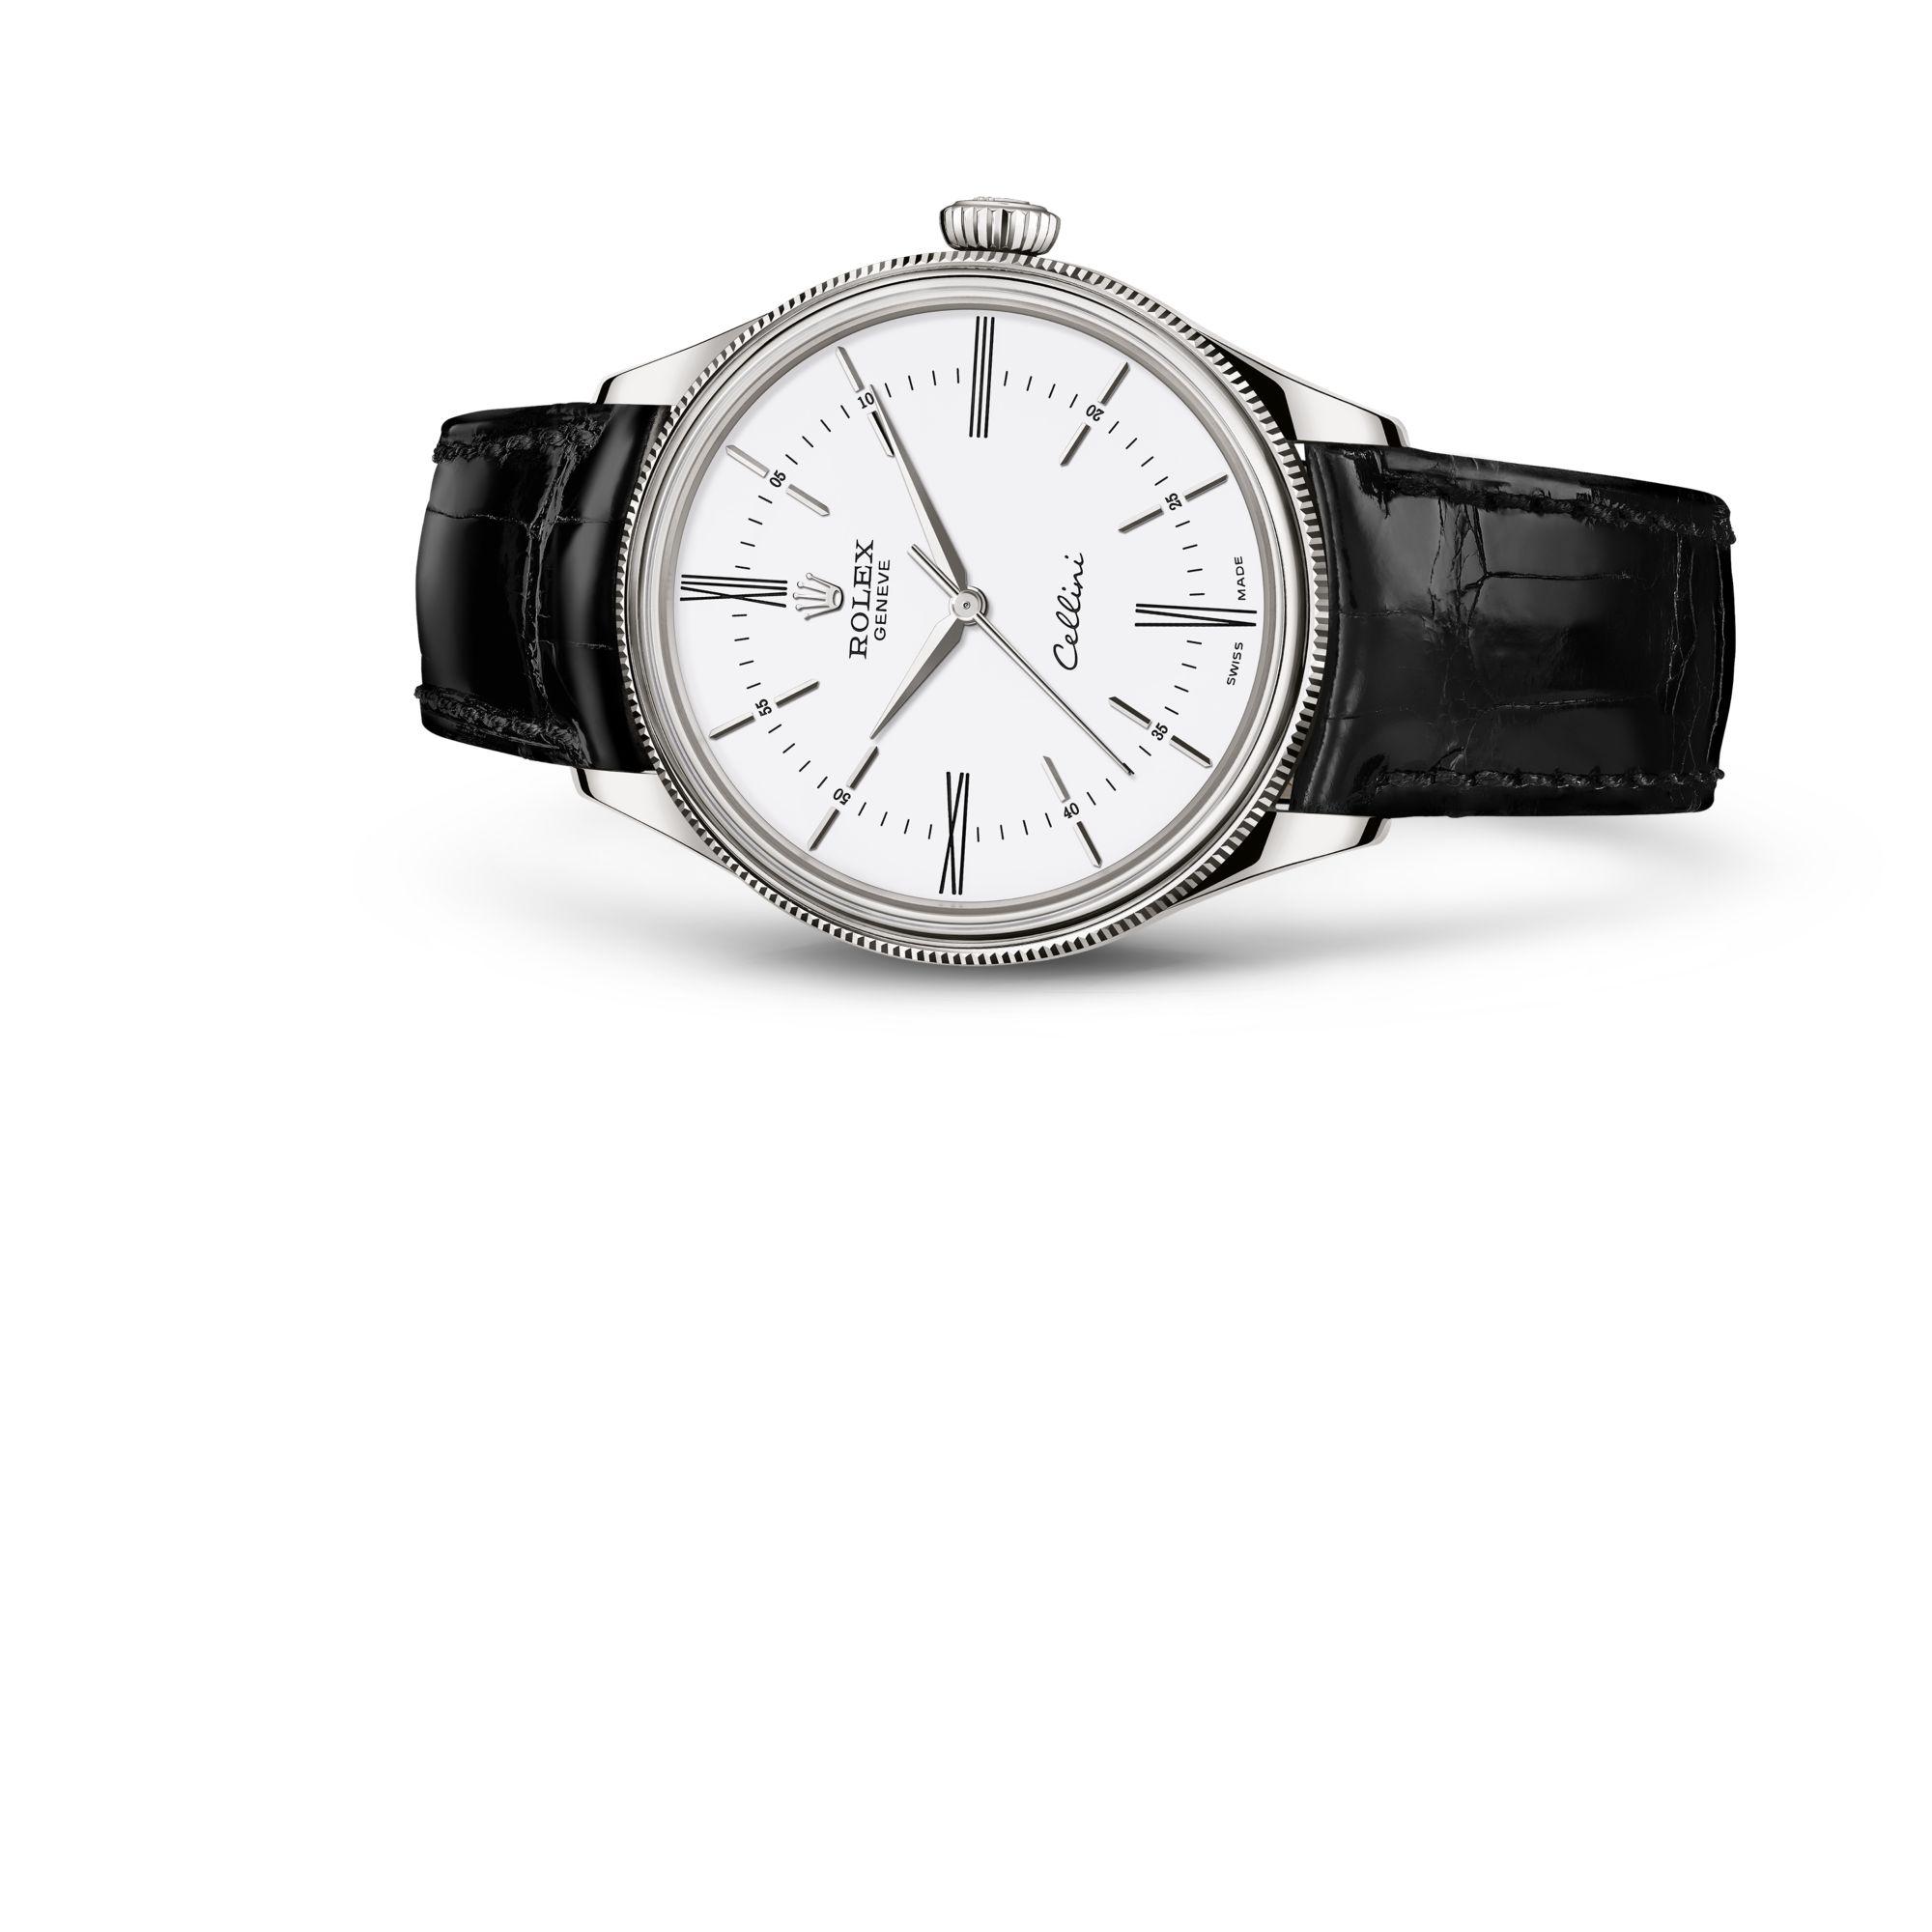 Rolex Cellini Time M50509-0007